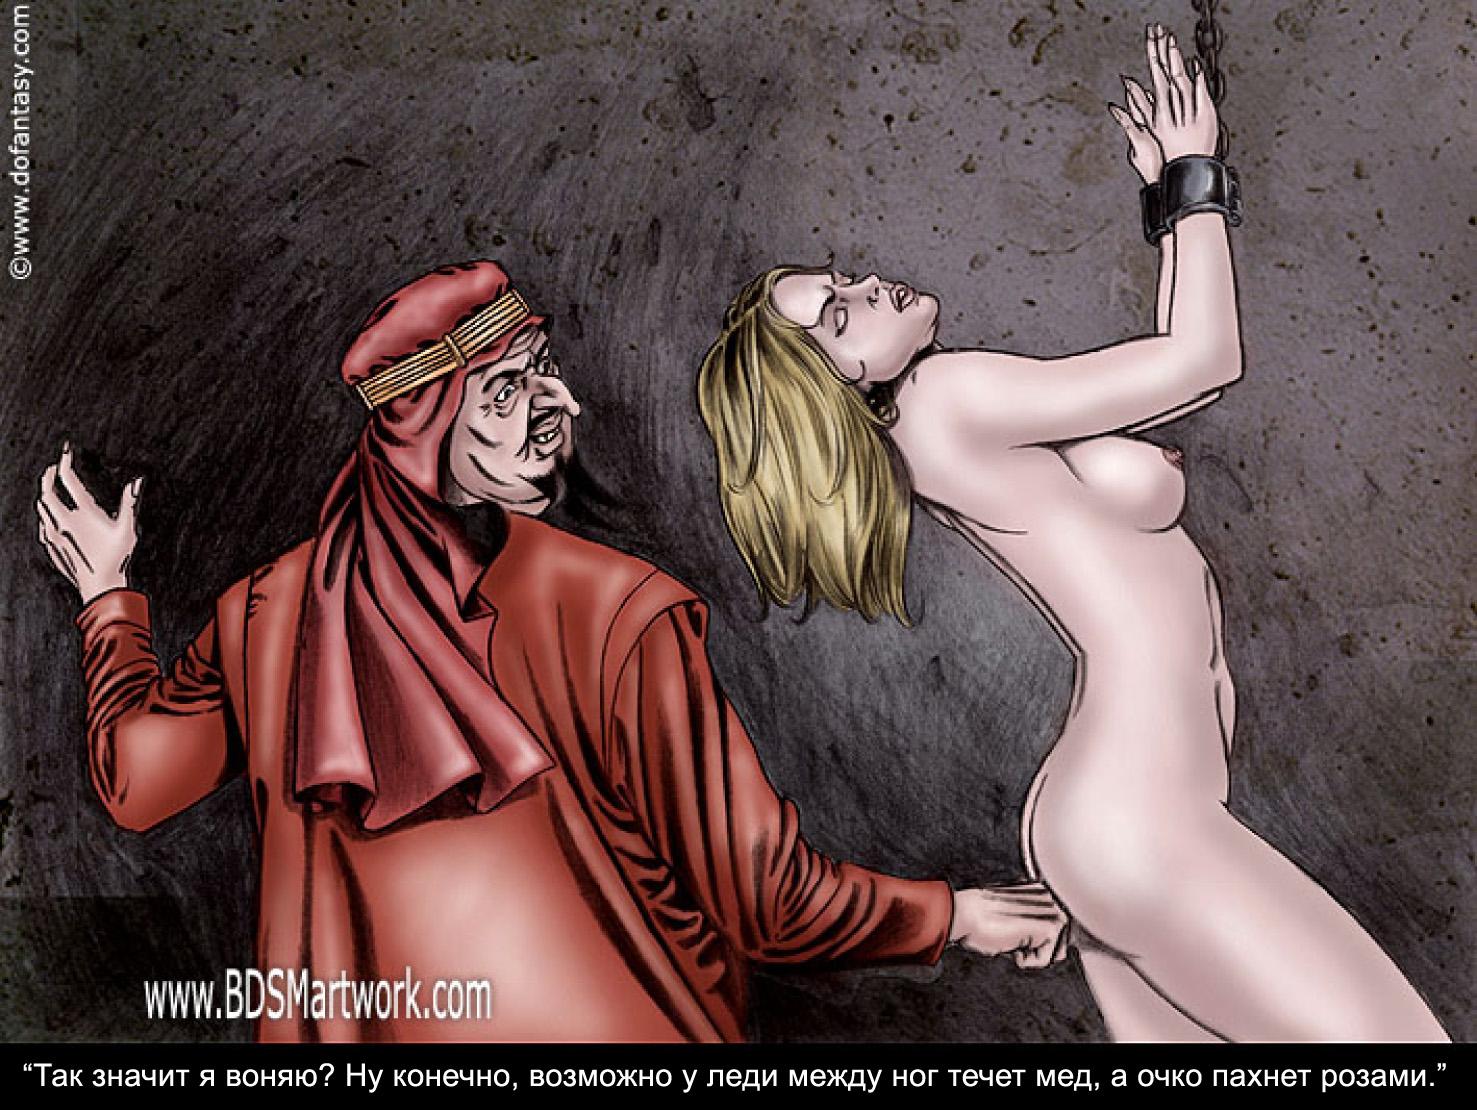 Смотреть порно продал в рабство, Порно Секс-рабыня -видео. Смотреть порно онлайн! 23 фотография